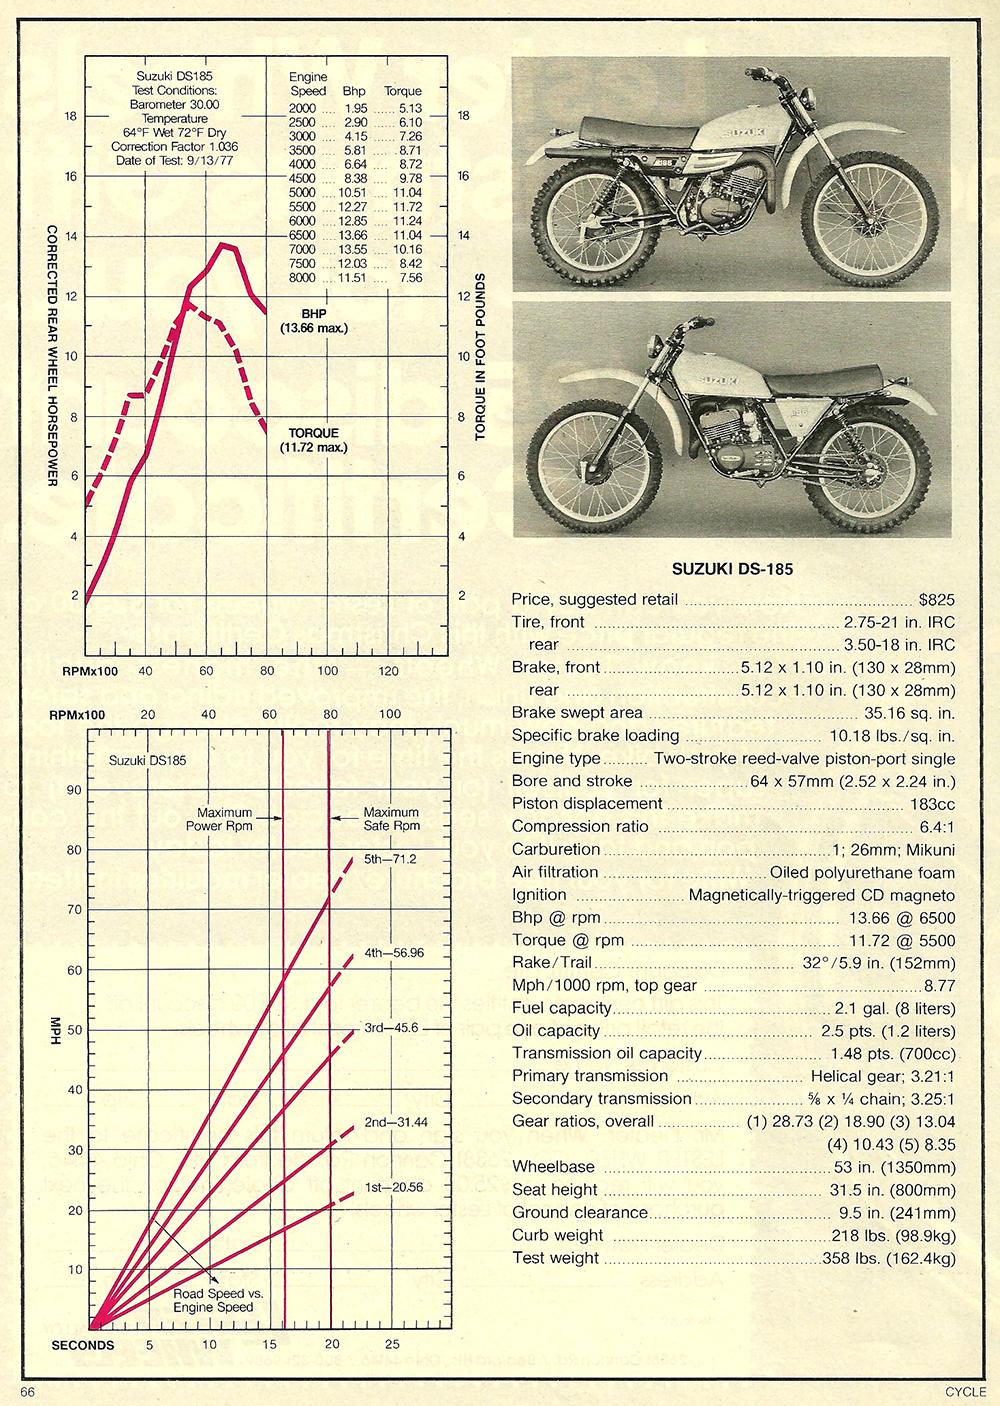 1977 Suzuki DS185 road test 05.jpg